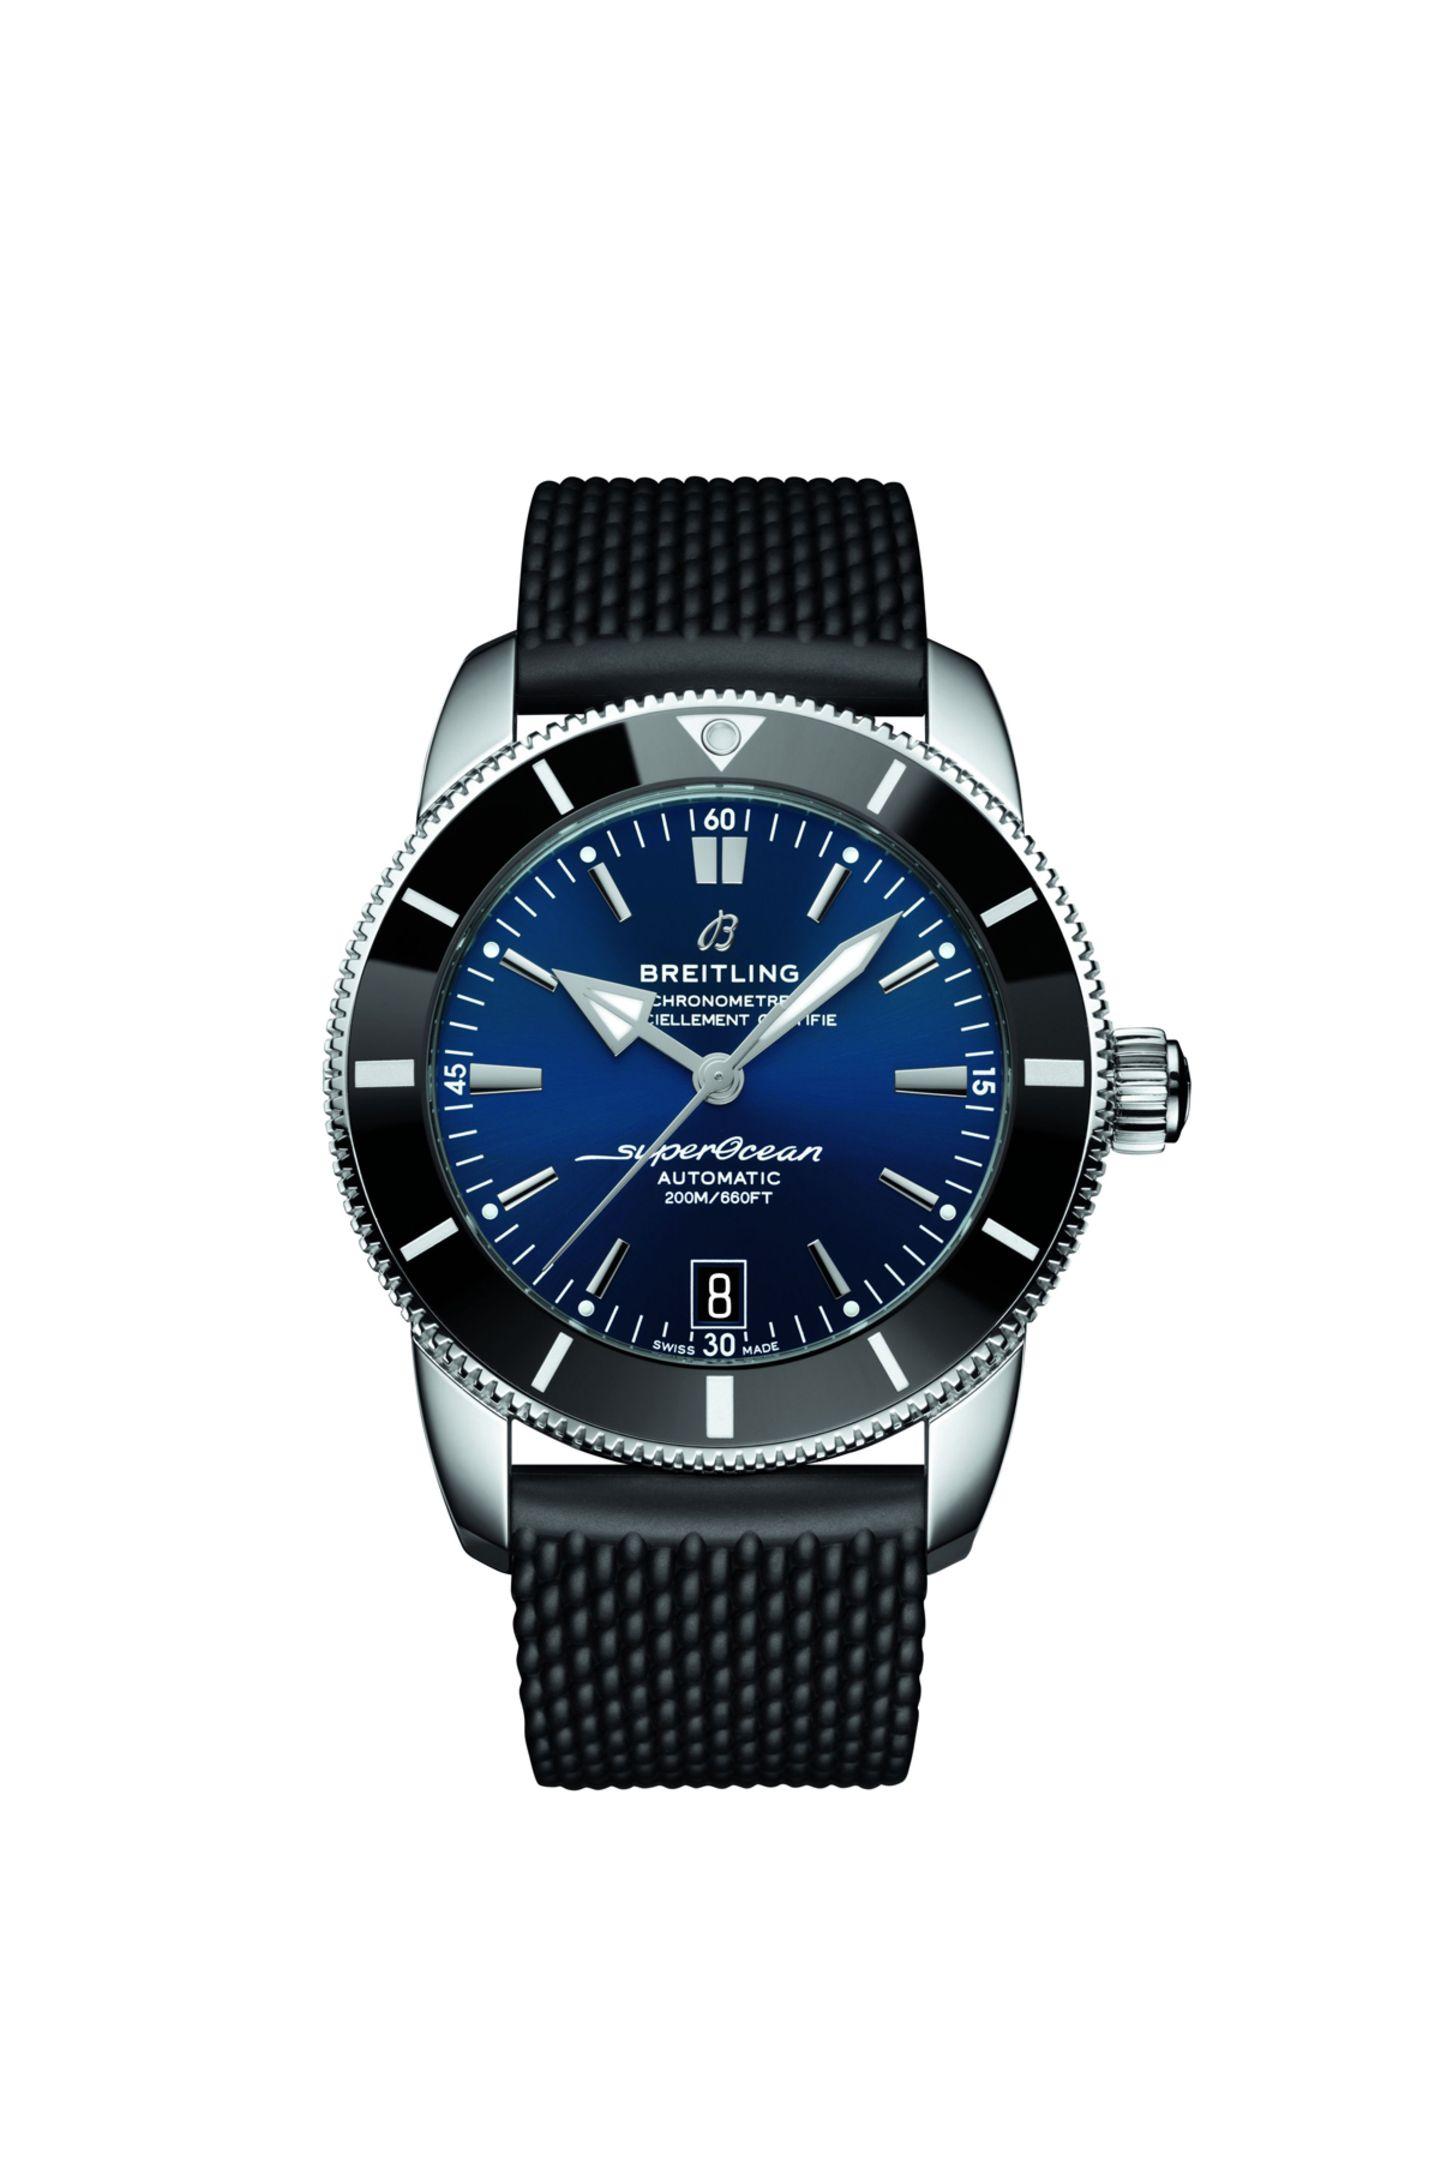 """Auf Sylt ticken die Uhren exklusiv: Das Herz wahrer Liebhaber der Kultinsel Sylt dürfte beim Anblick der """"Superocean Heritage B20 Automatic 42"""" von Breitling schneller schlagen. Für gewöhnlich schmückt die ikonische Taucheruhr """"Superocean Heritage"""" dieHandgelenke von Tauchern und Fans sportlicher Uhren. Die nummerierte, exklusive Sylt-Edition kommt mit einem dunkelblau-weißen Zifferblatt maritim daher. Besonderes Highlight:Die unverwechselbare Silhouette von Sylt ist auf dem Gehäuseboden graviert. Exklusiv erhältlichbei Juwelier Spliedt in Kampen. Ca. 4.550 Euro."""